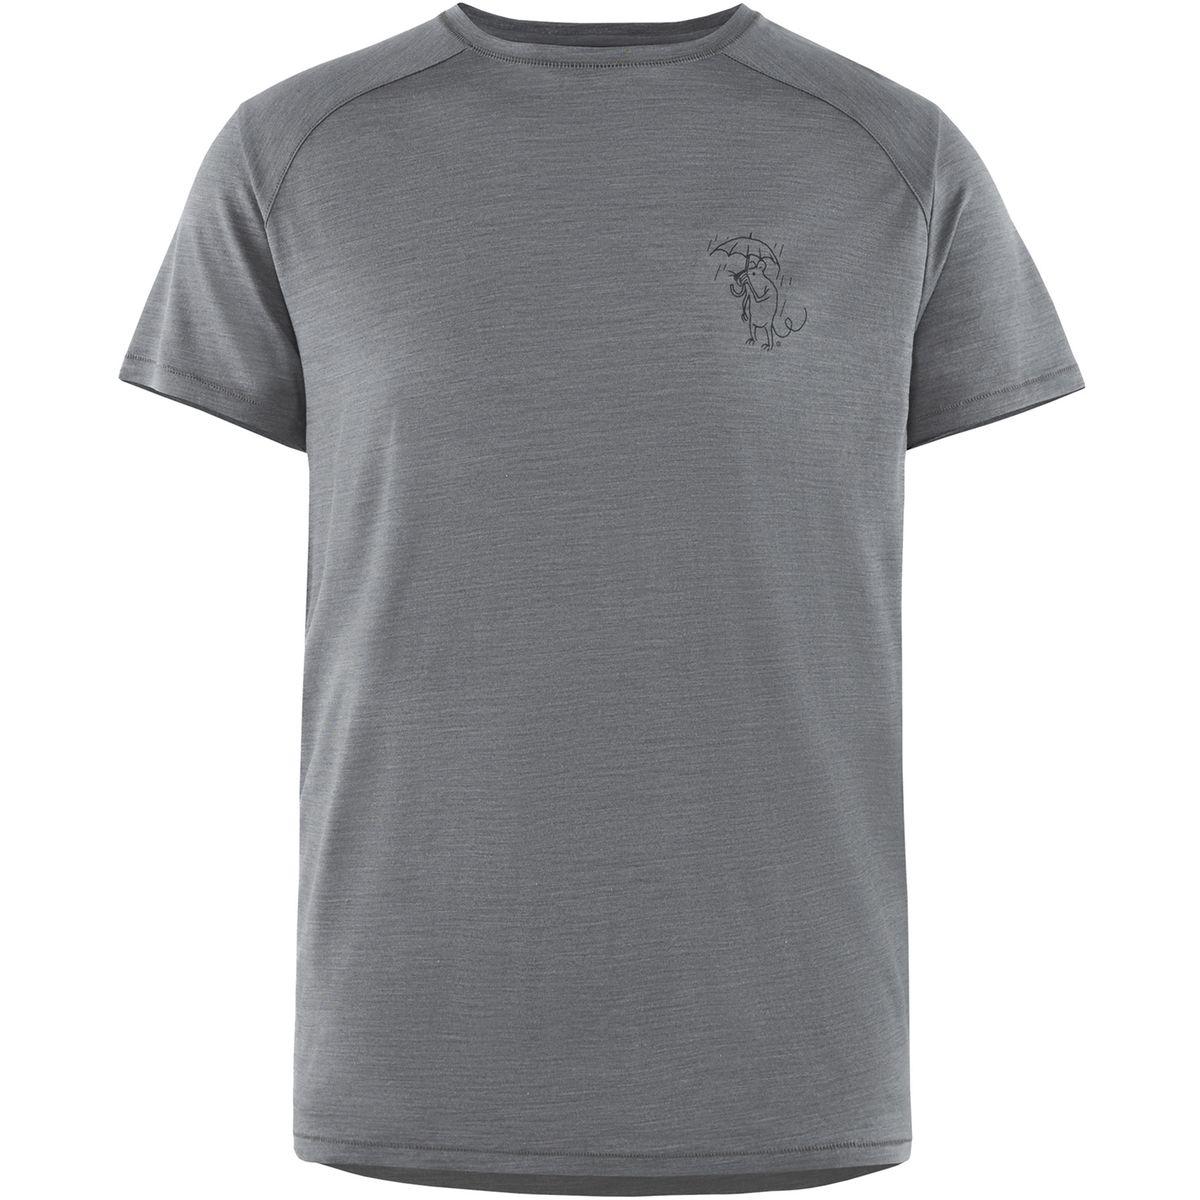 Eir Rain - T-shirt manches courtes Homme - gris